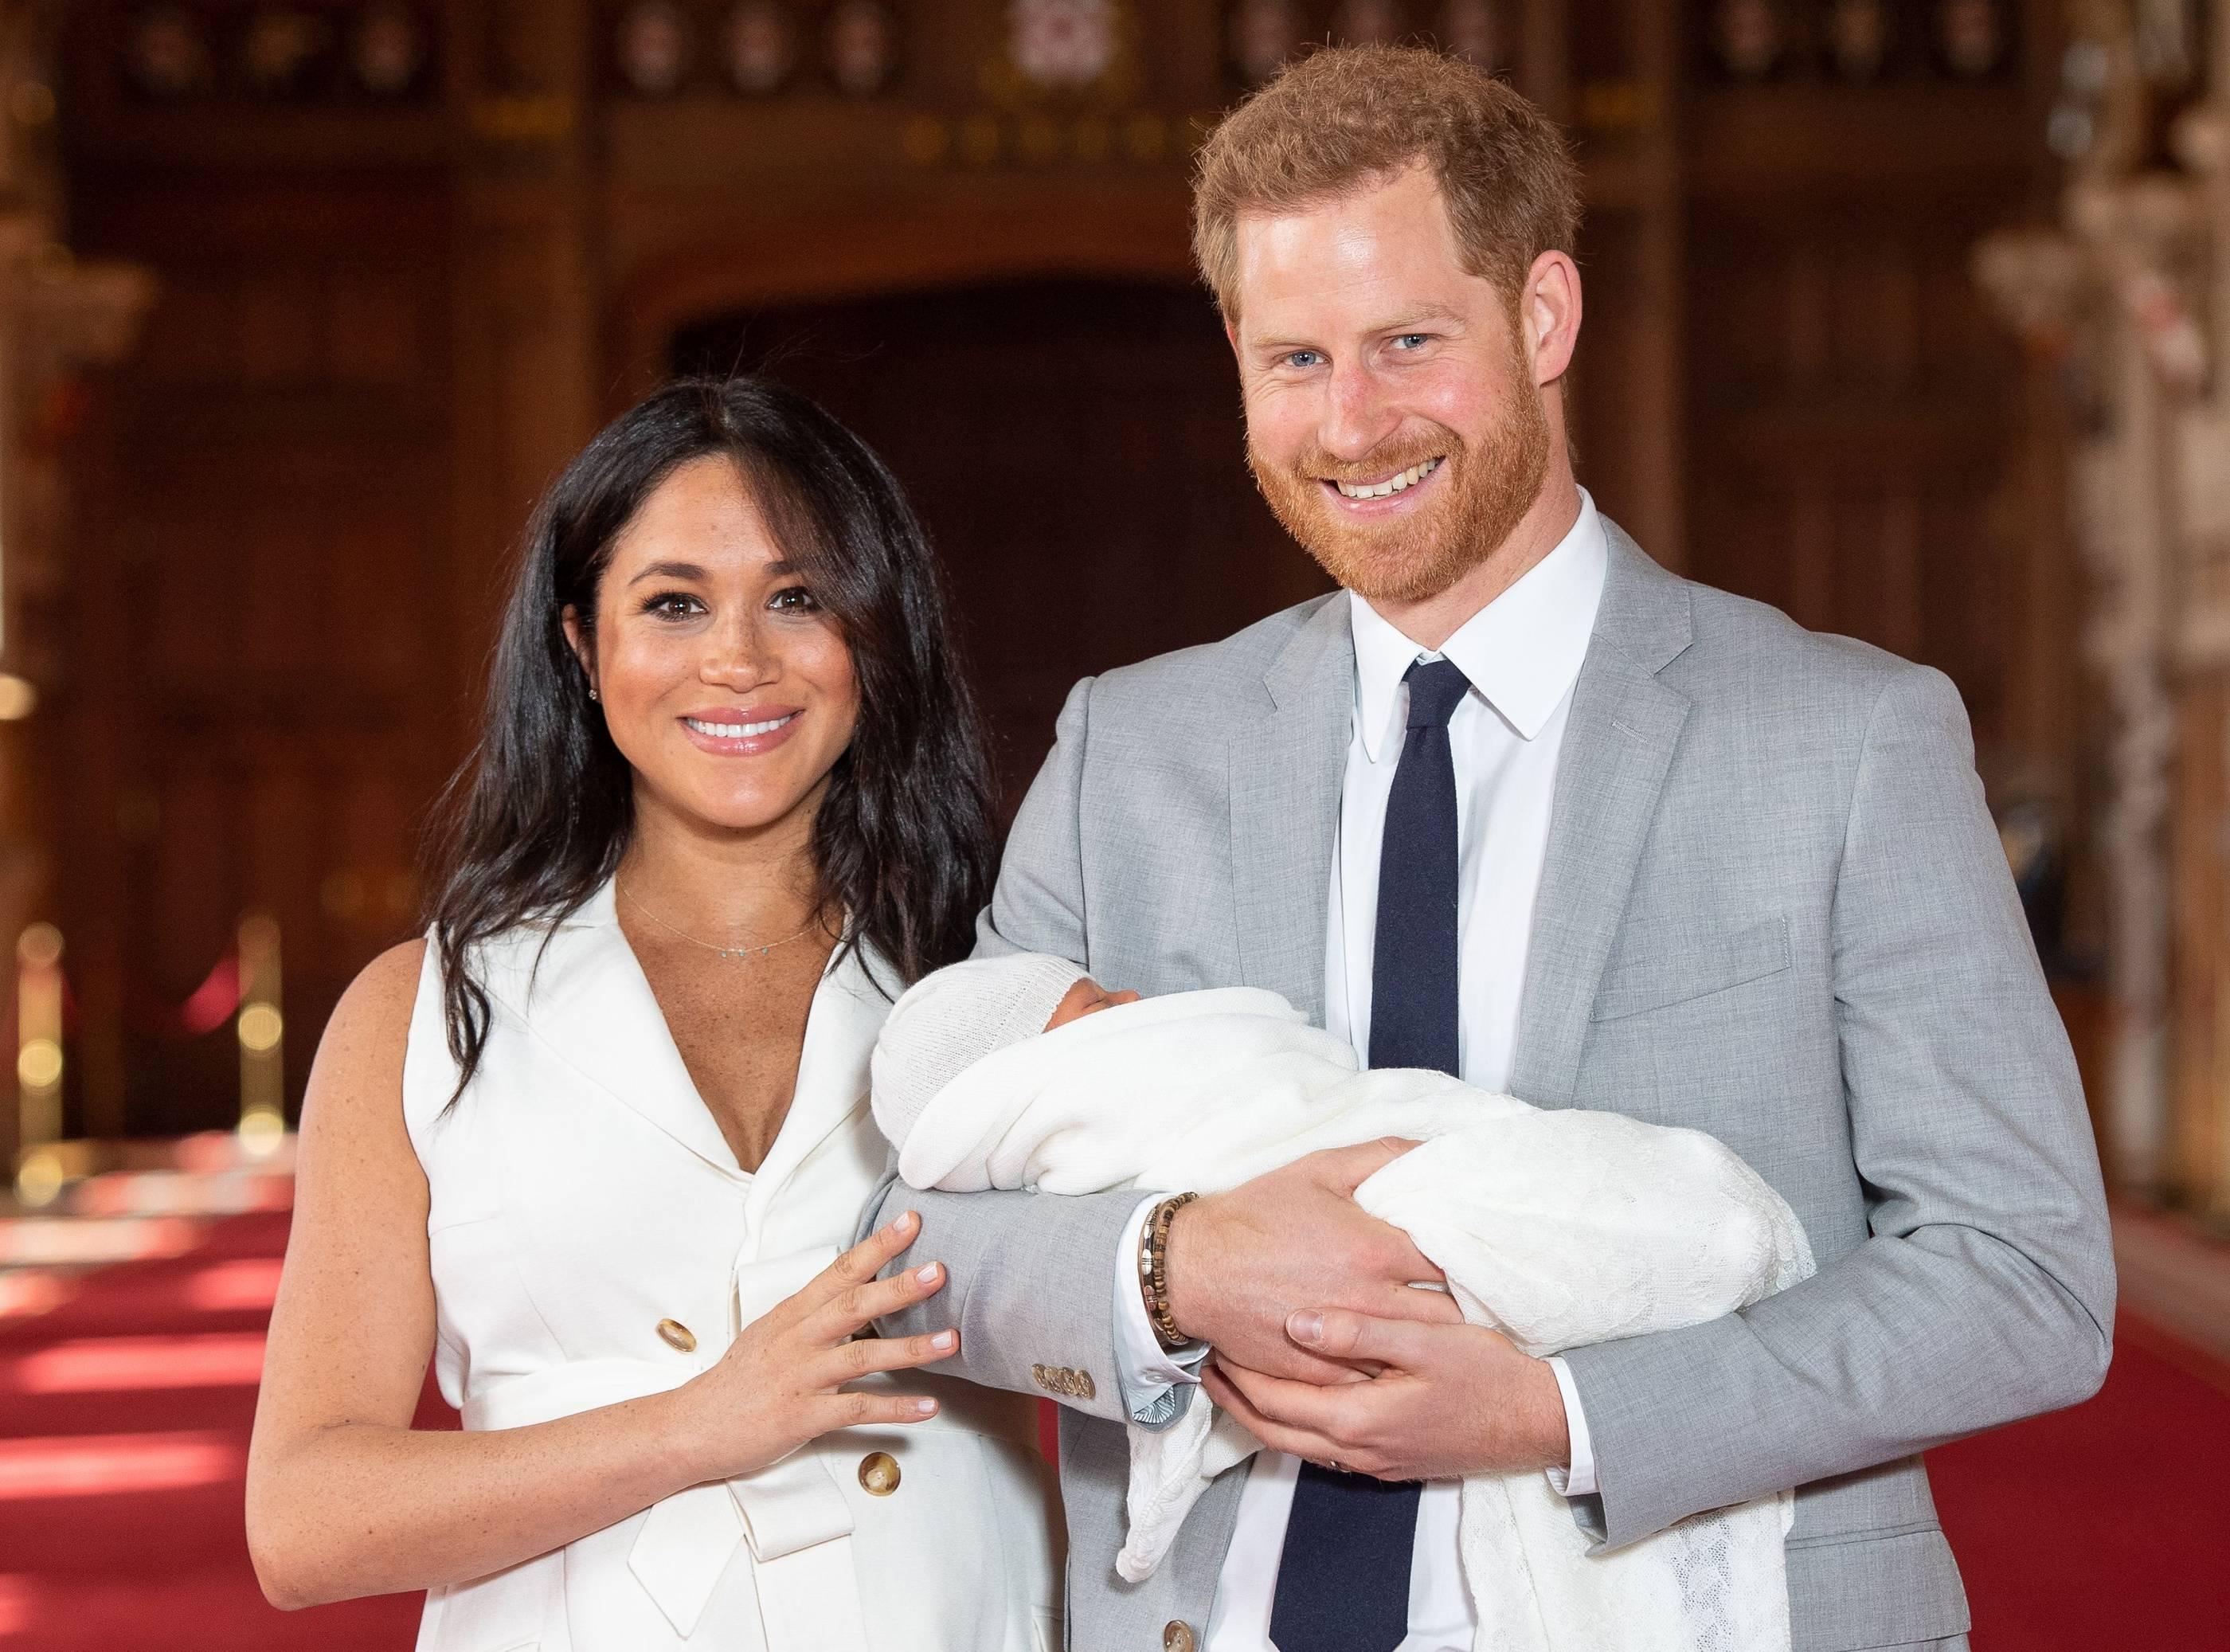 Royals Prinz Harry Und Meghan Markle Zeigen Ihr Baby